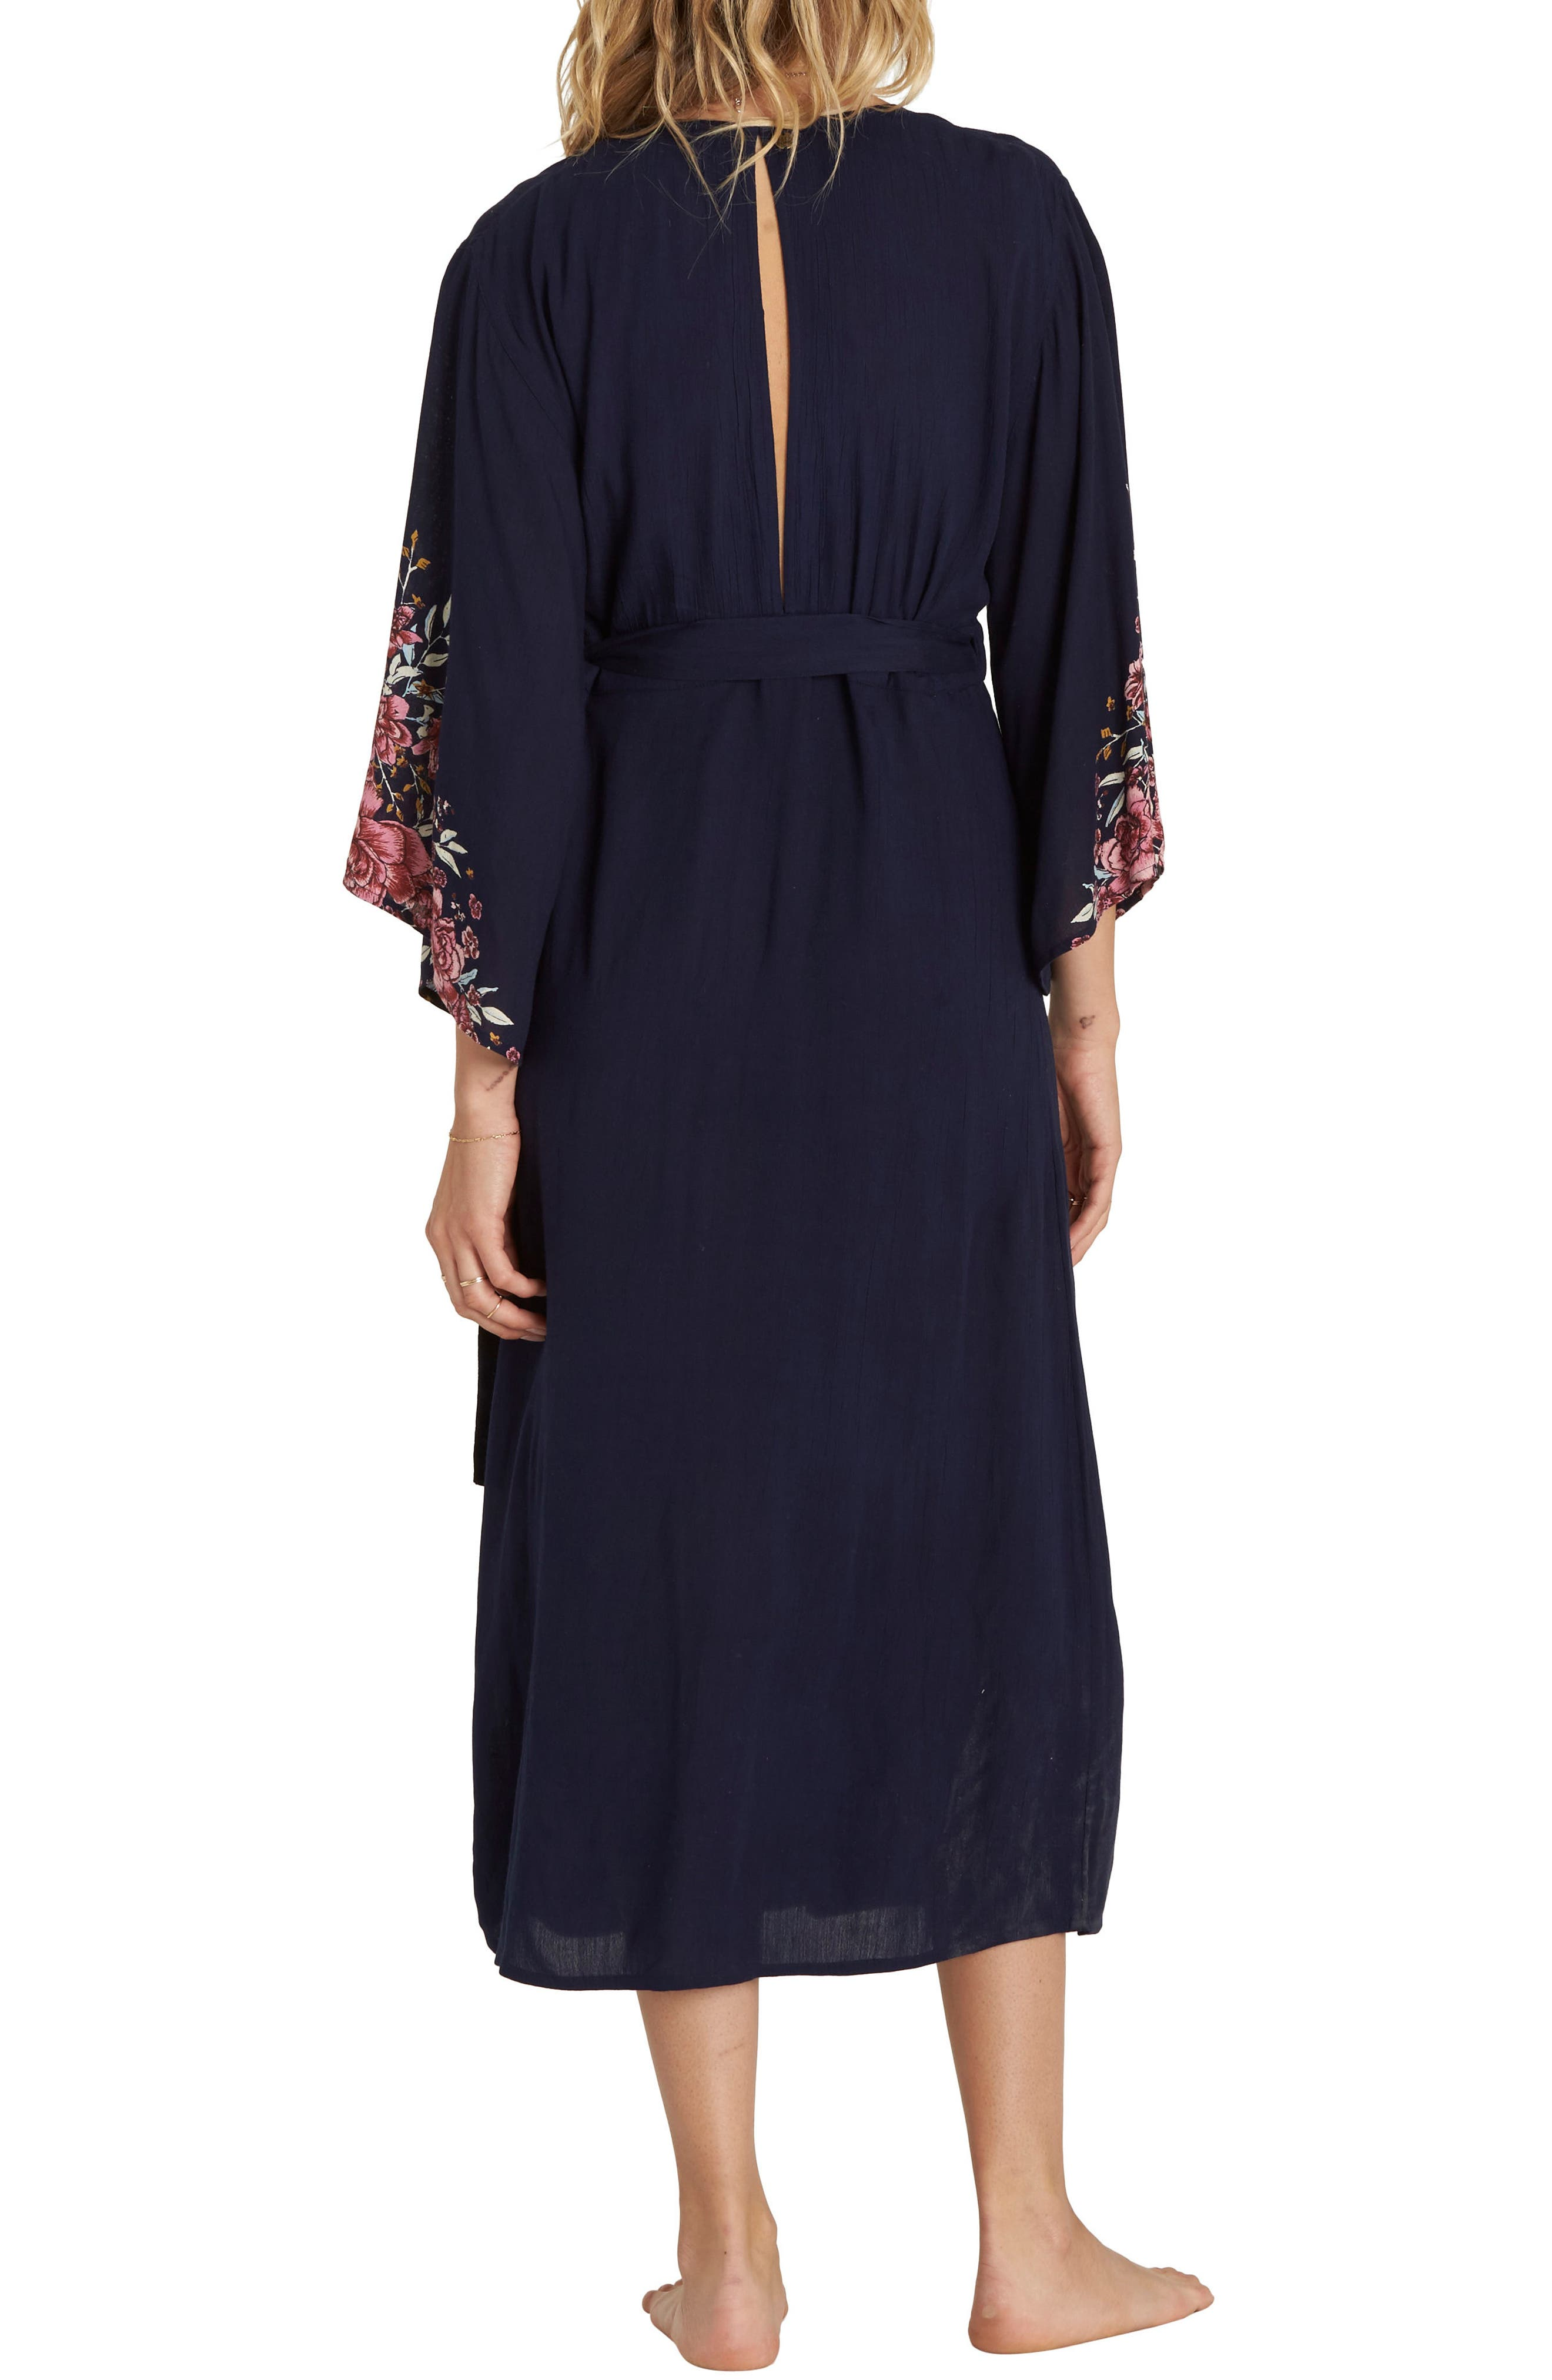 Robe Life Midi Dress,                             Alternate thumbnail 2, color,